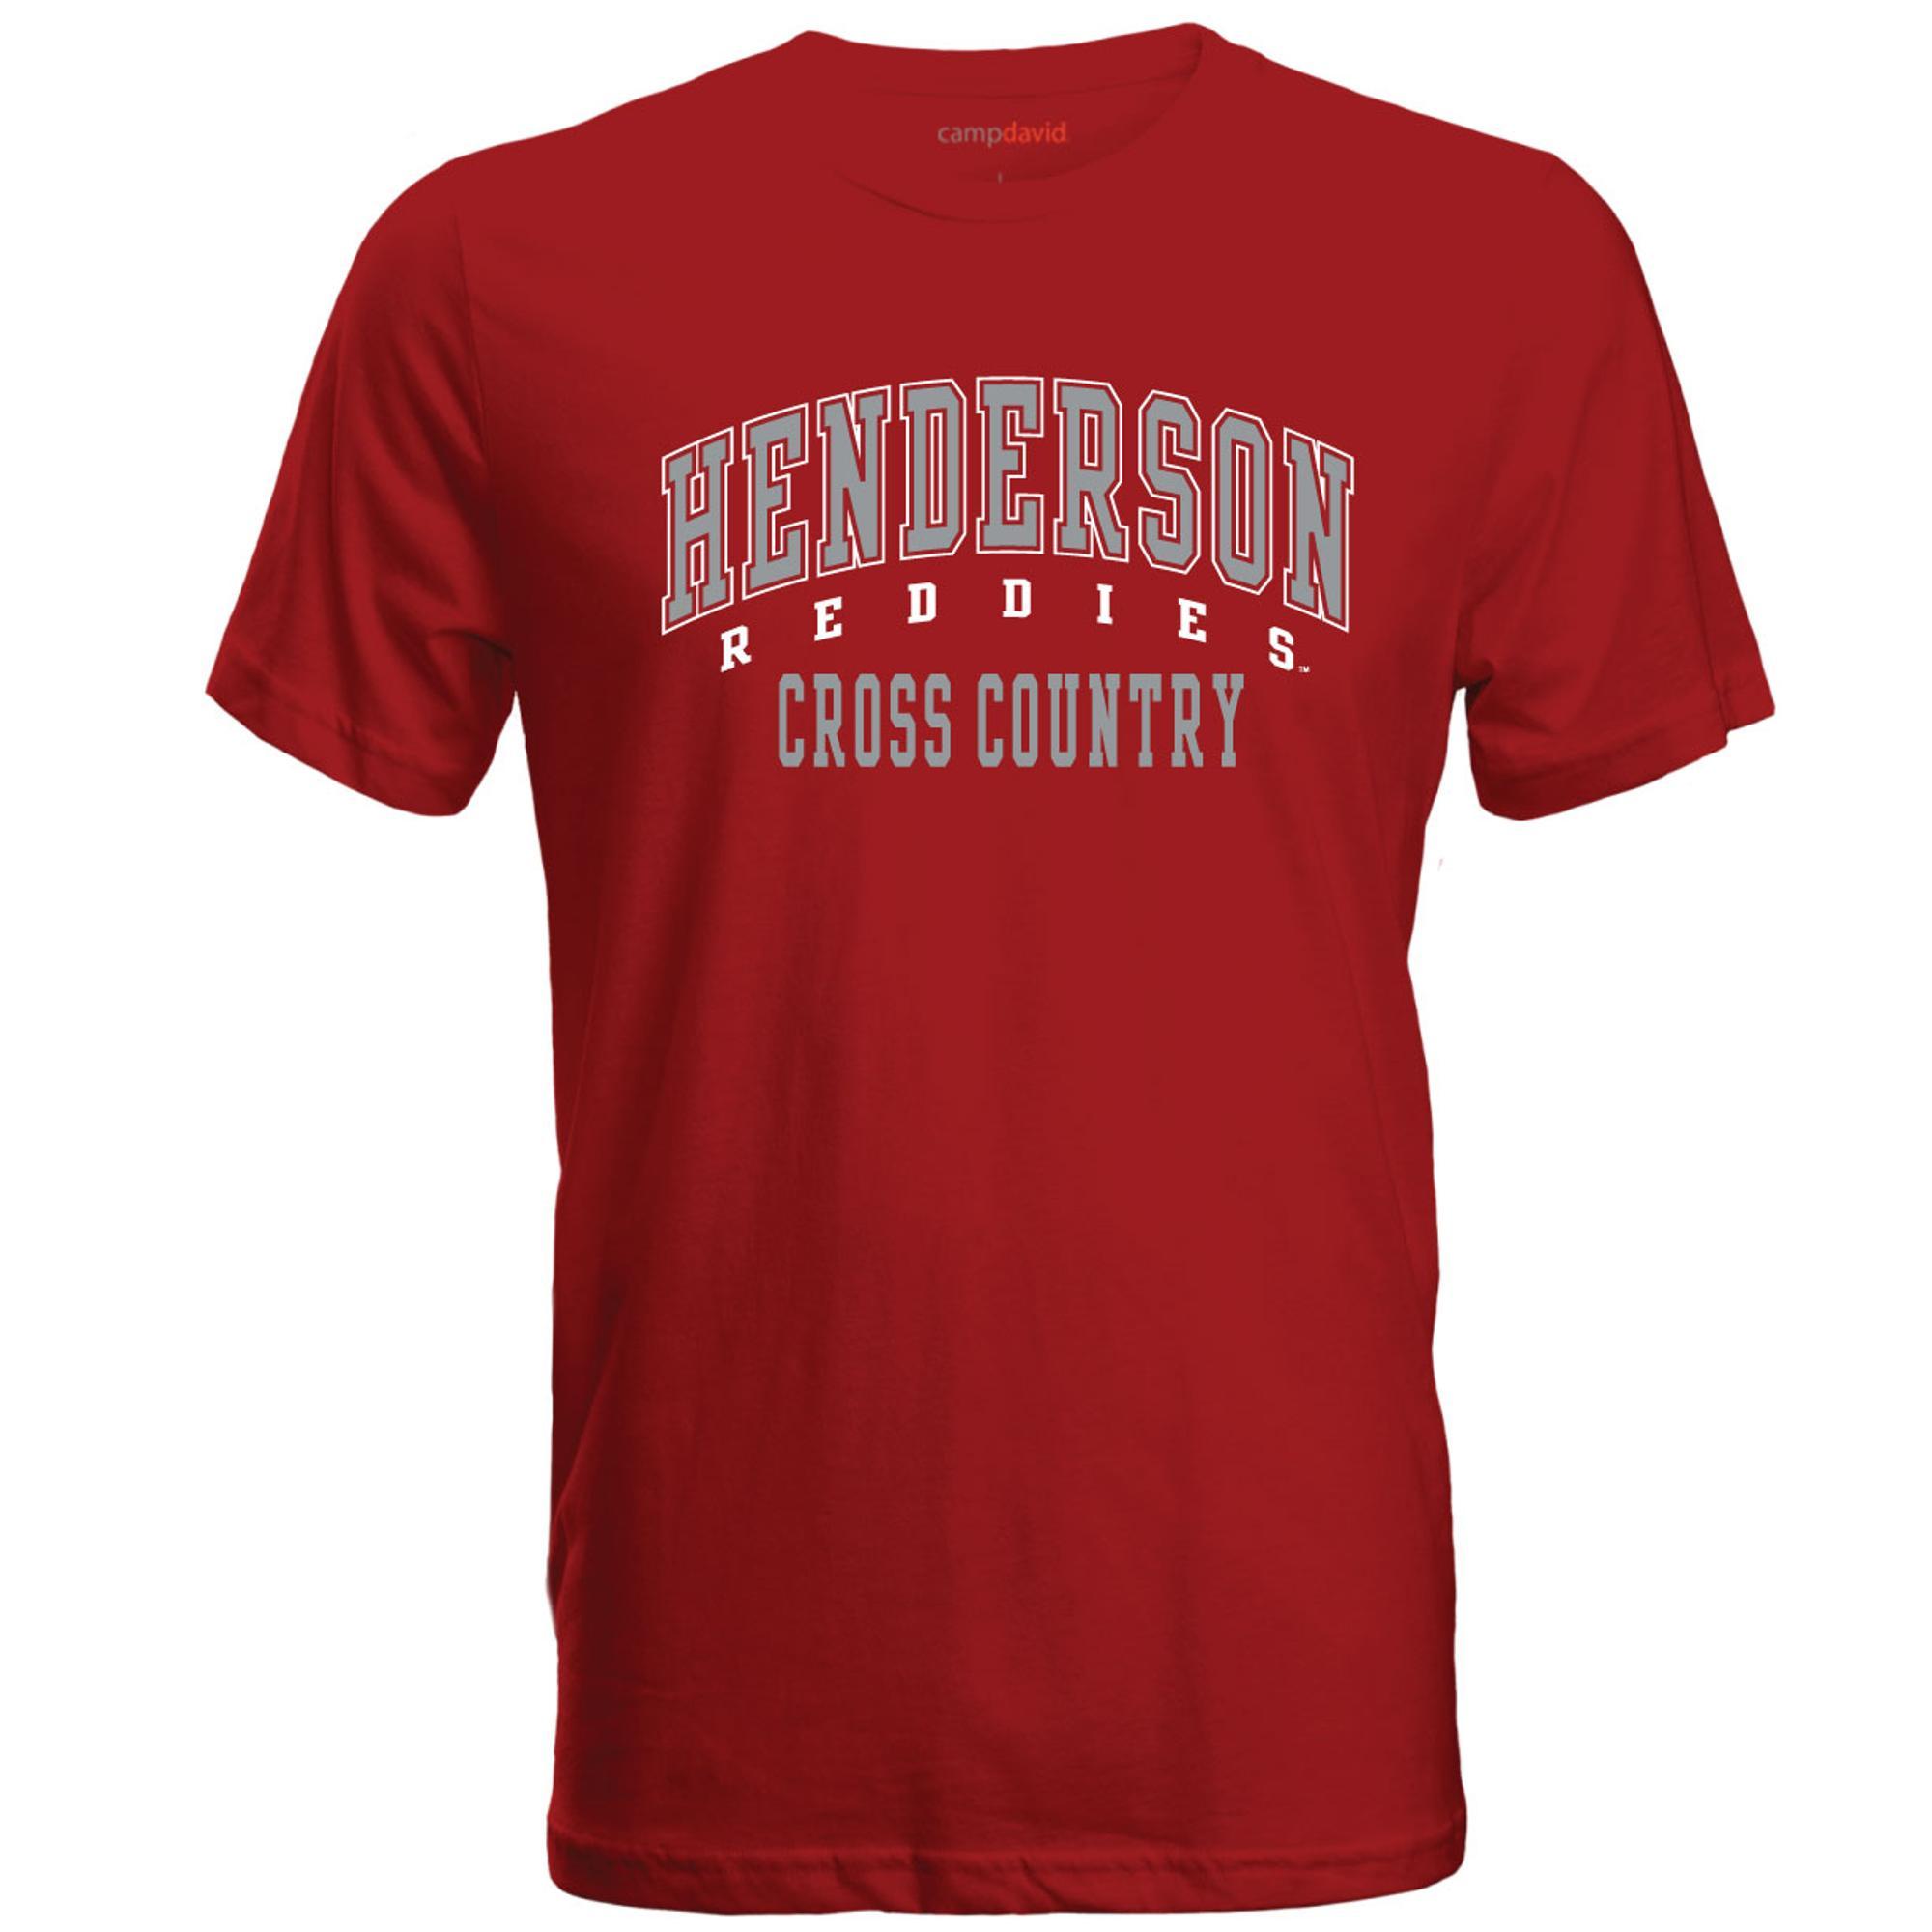 image of: Henderson Reddies Cross Country Cruiser Tee